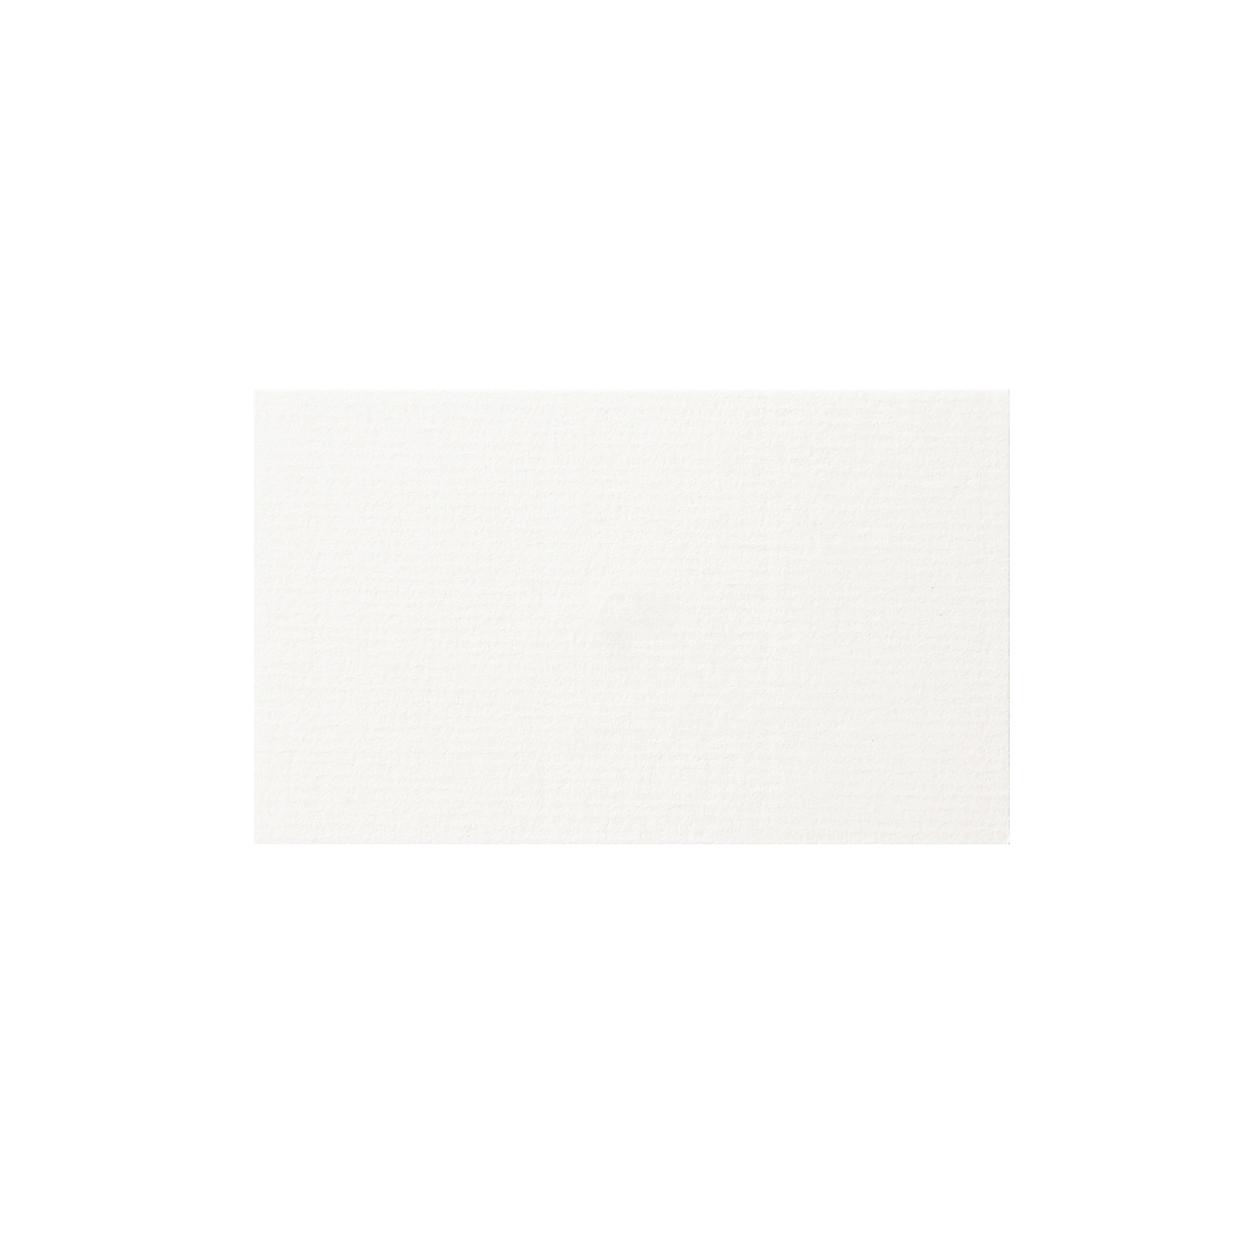 ネームカード コンケラー レイド ブリリアントホワイト 220g